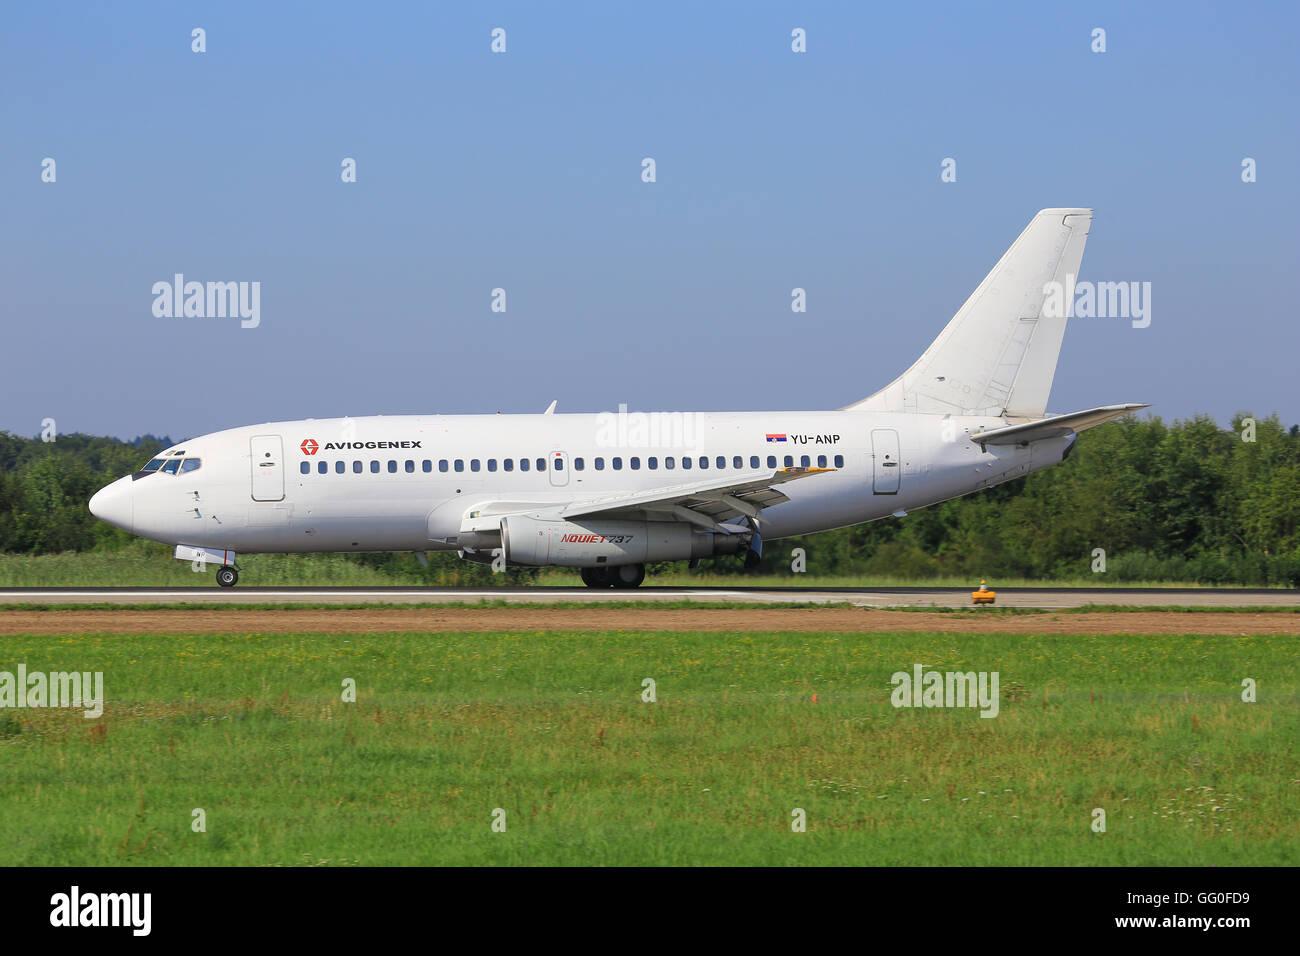 Zurich/Switzerland August 2, 2014: Boeing 737-200 at Zurich Airport. - Stock Image